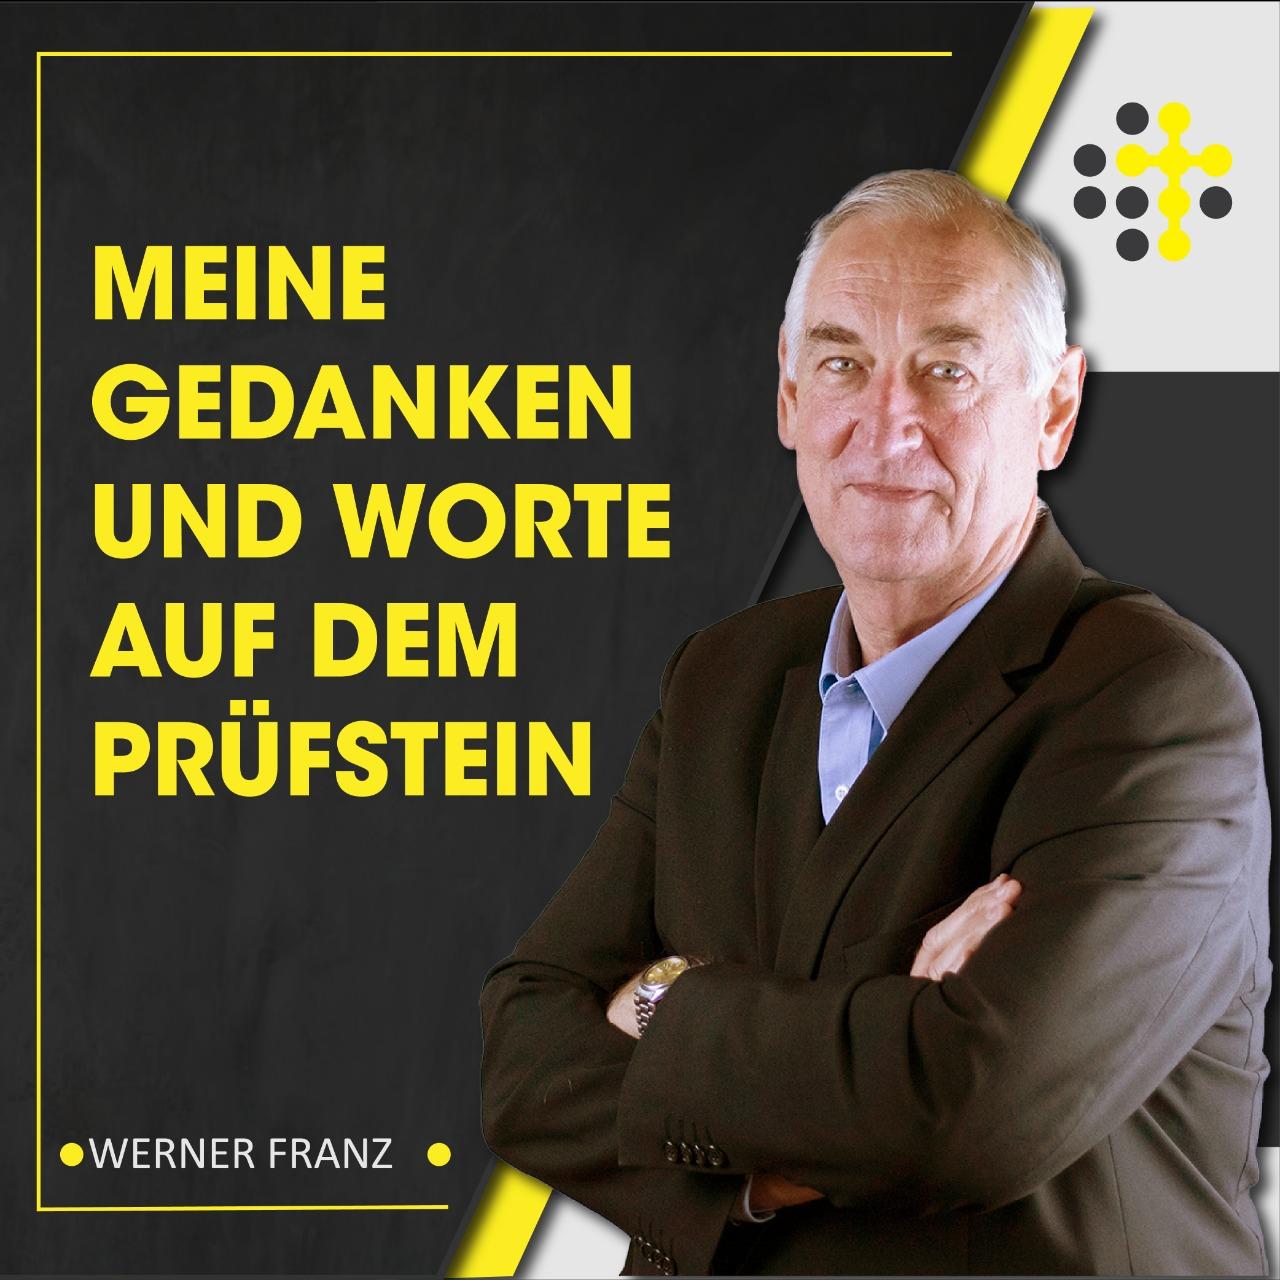 Meine Gedanken und Worte auf dem Prüfstein - Redner: Werner Franz